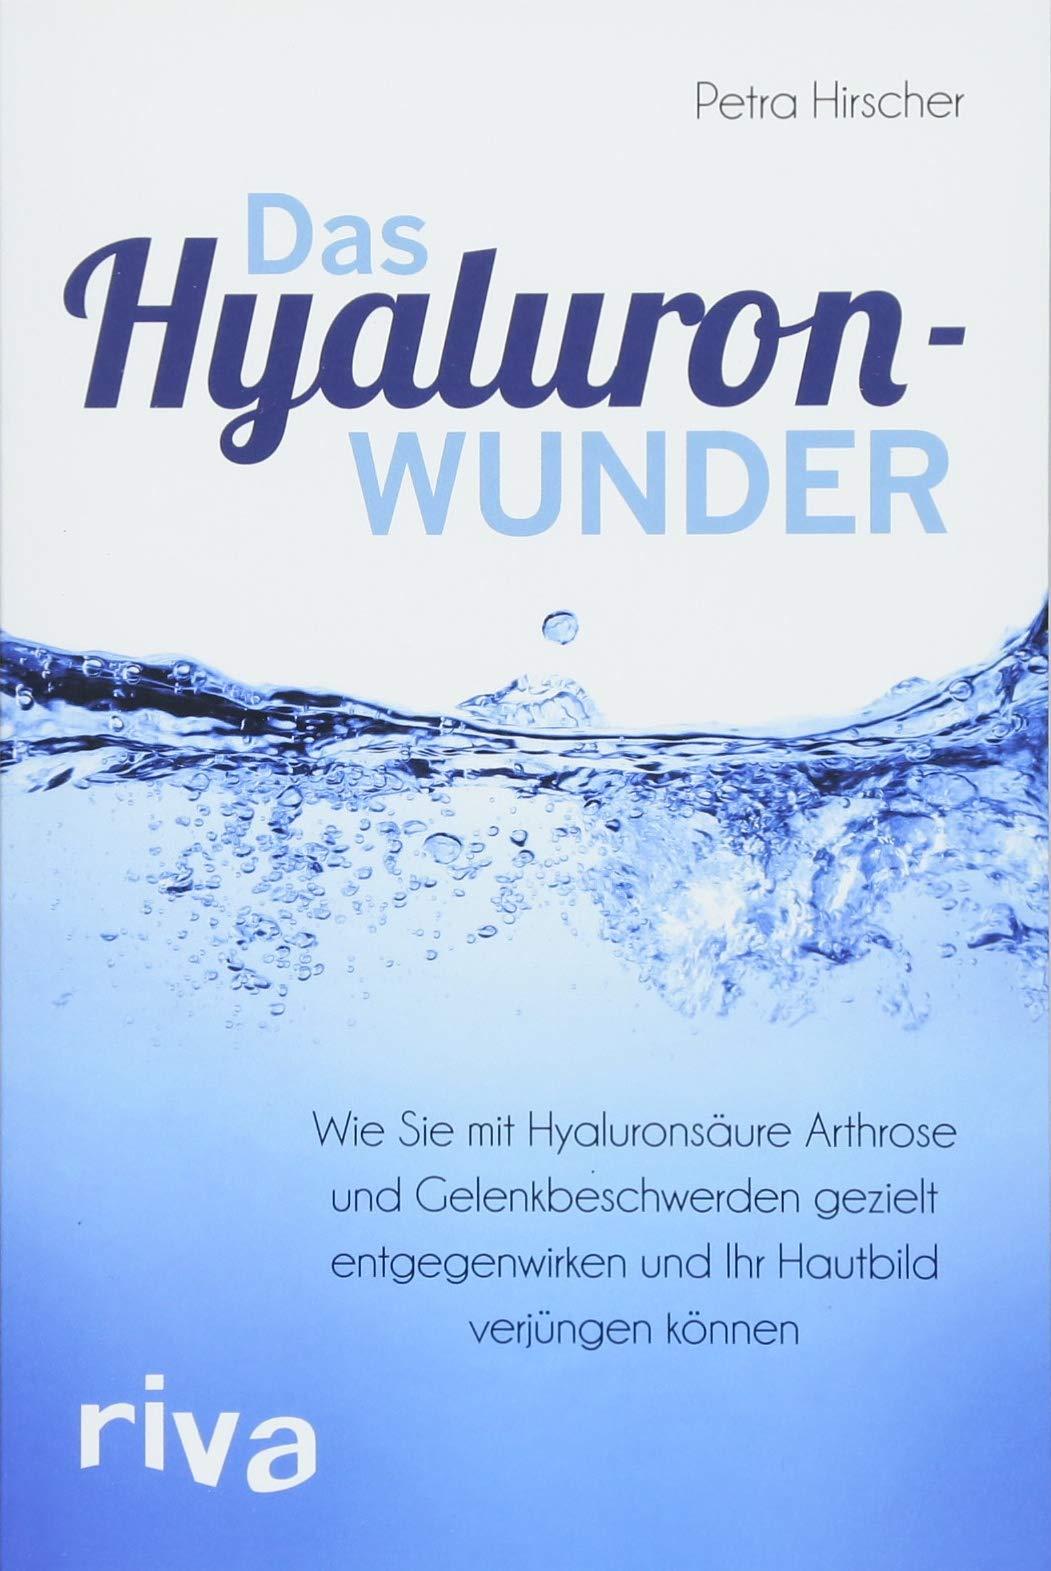 Das Hyaluronwunder: Wie Sie mit Hyaluronsäure Arthrose und Gelenkbeschwerden gezielt entgegenwirken und Ihr Hautbild verjüngen können